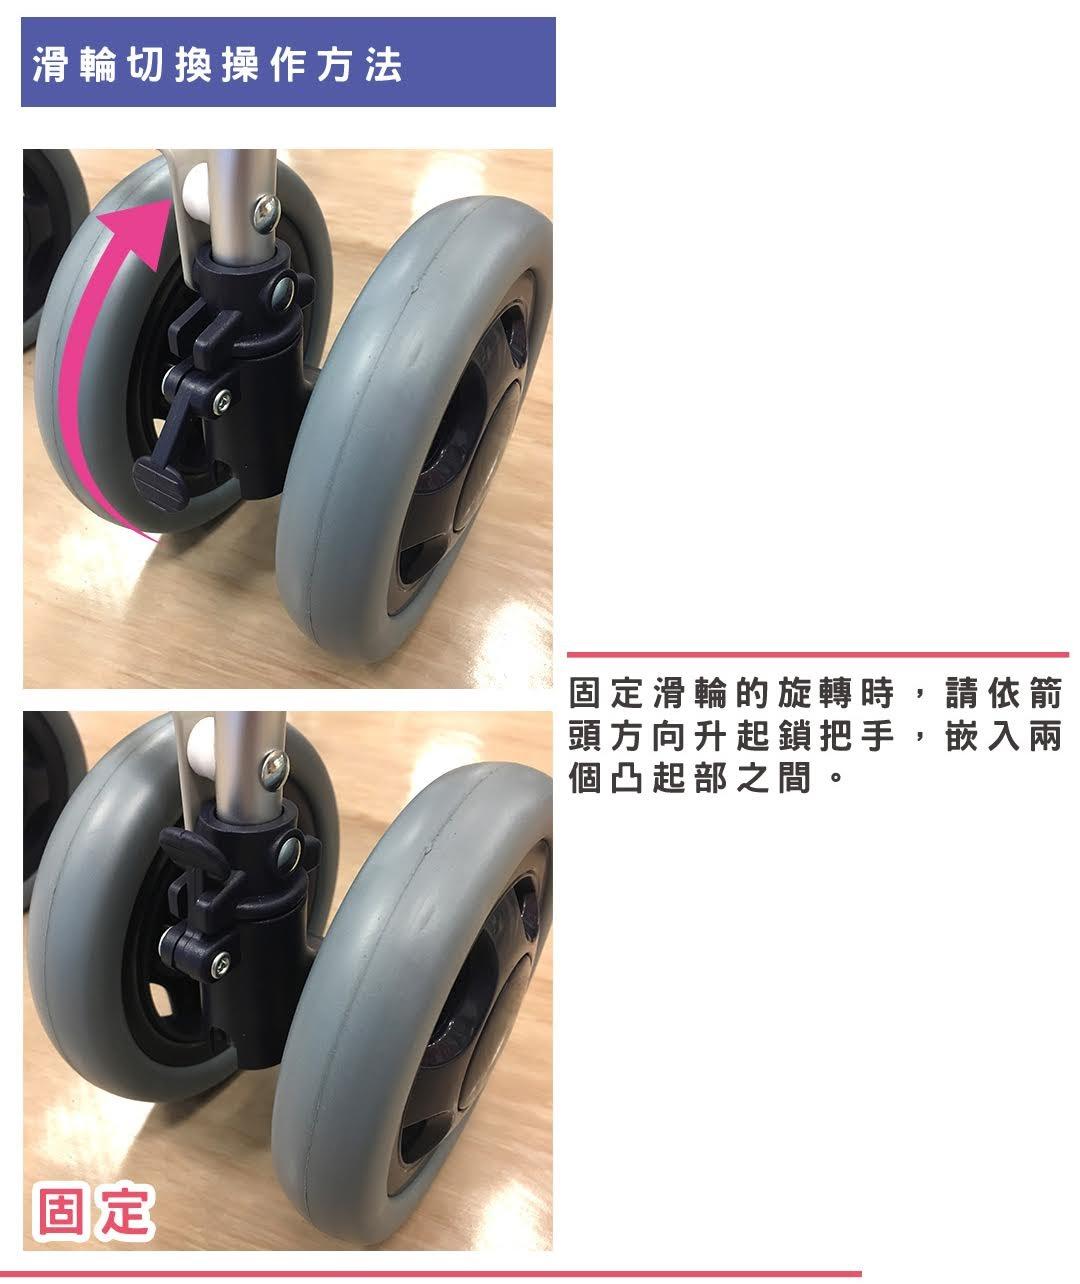 4滑輪切換